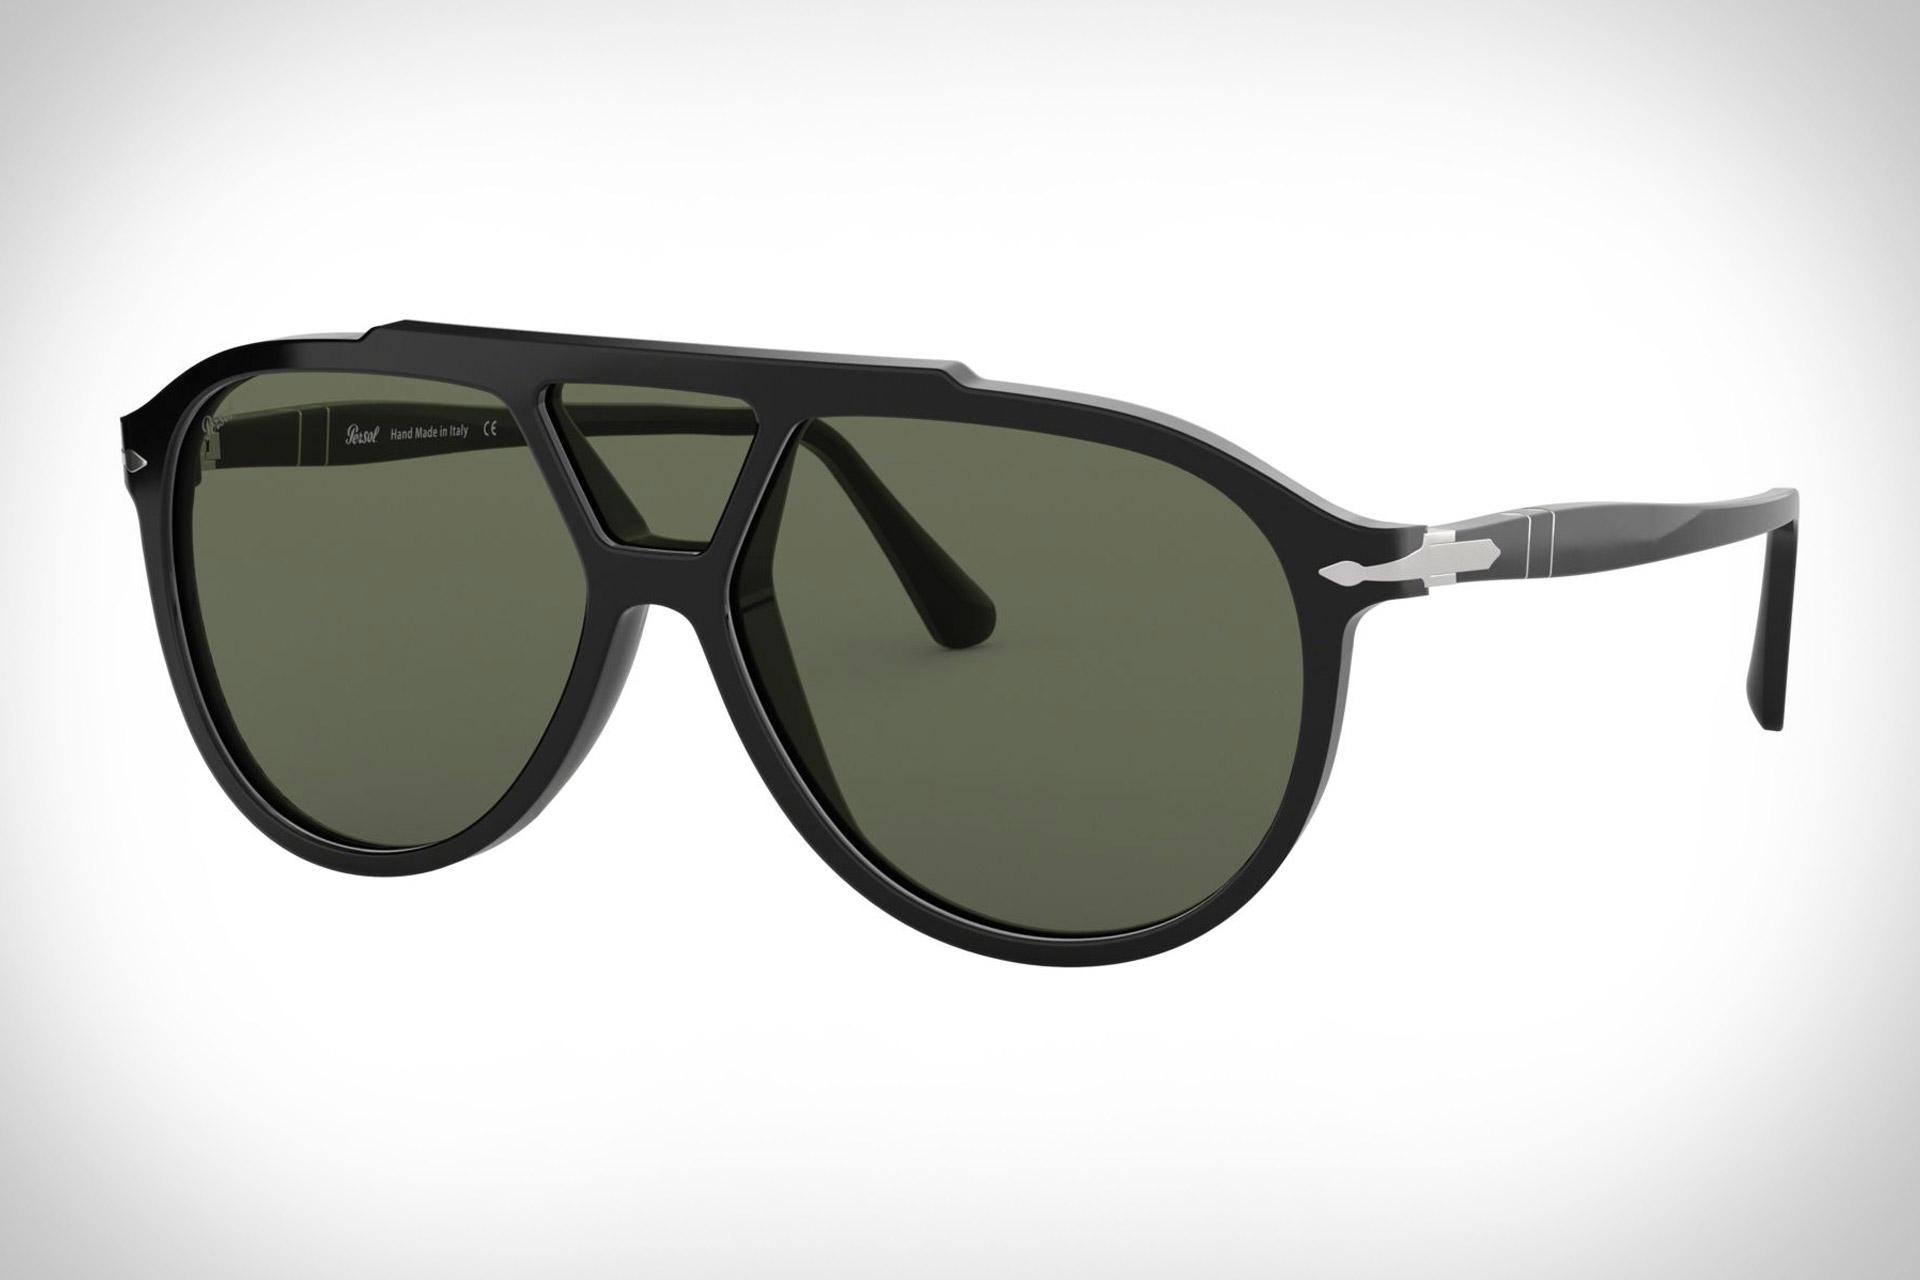 9f127042a0 Gafas de Sol de 3 lentes de Persol   Uncrate